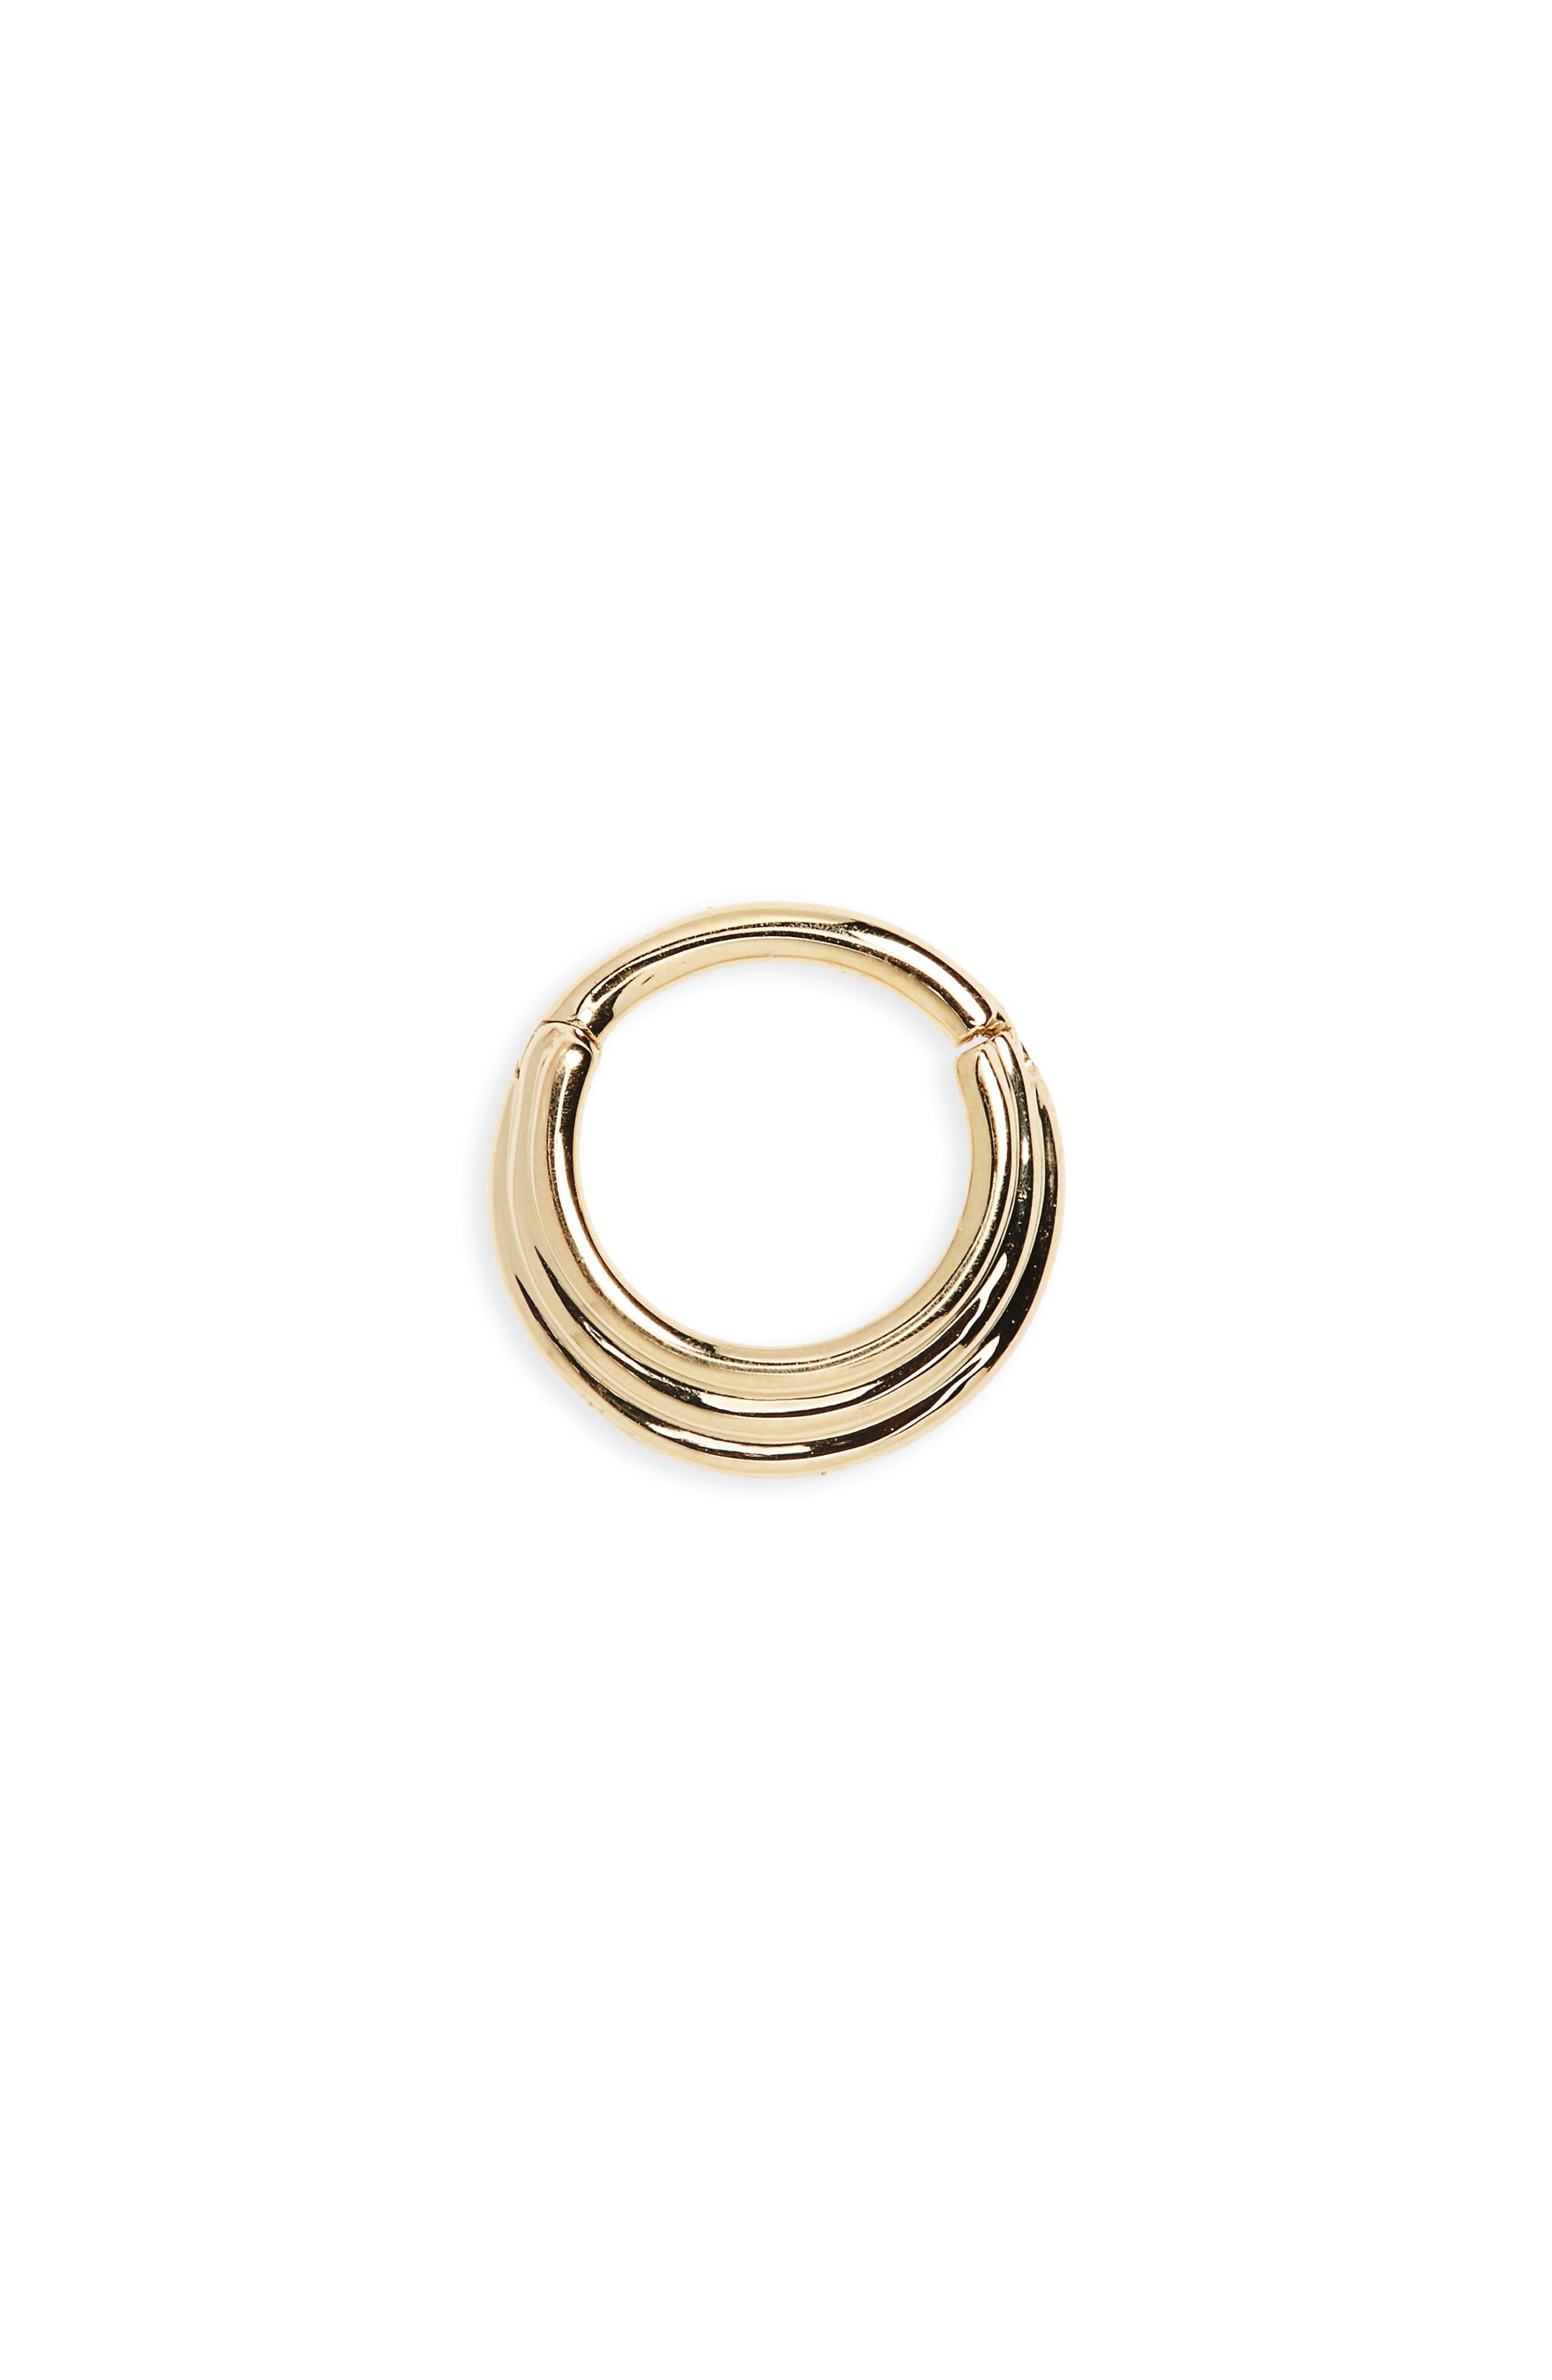 16 Gauge Hiranya Clicker Ring,                         Main,                         color, Yellow Gold